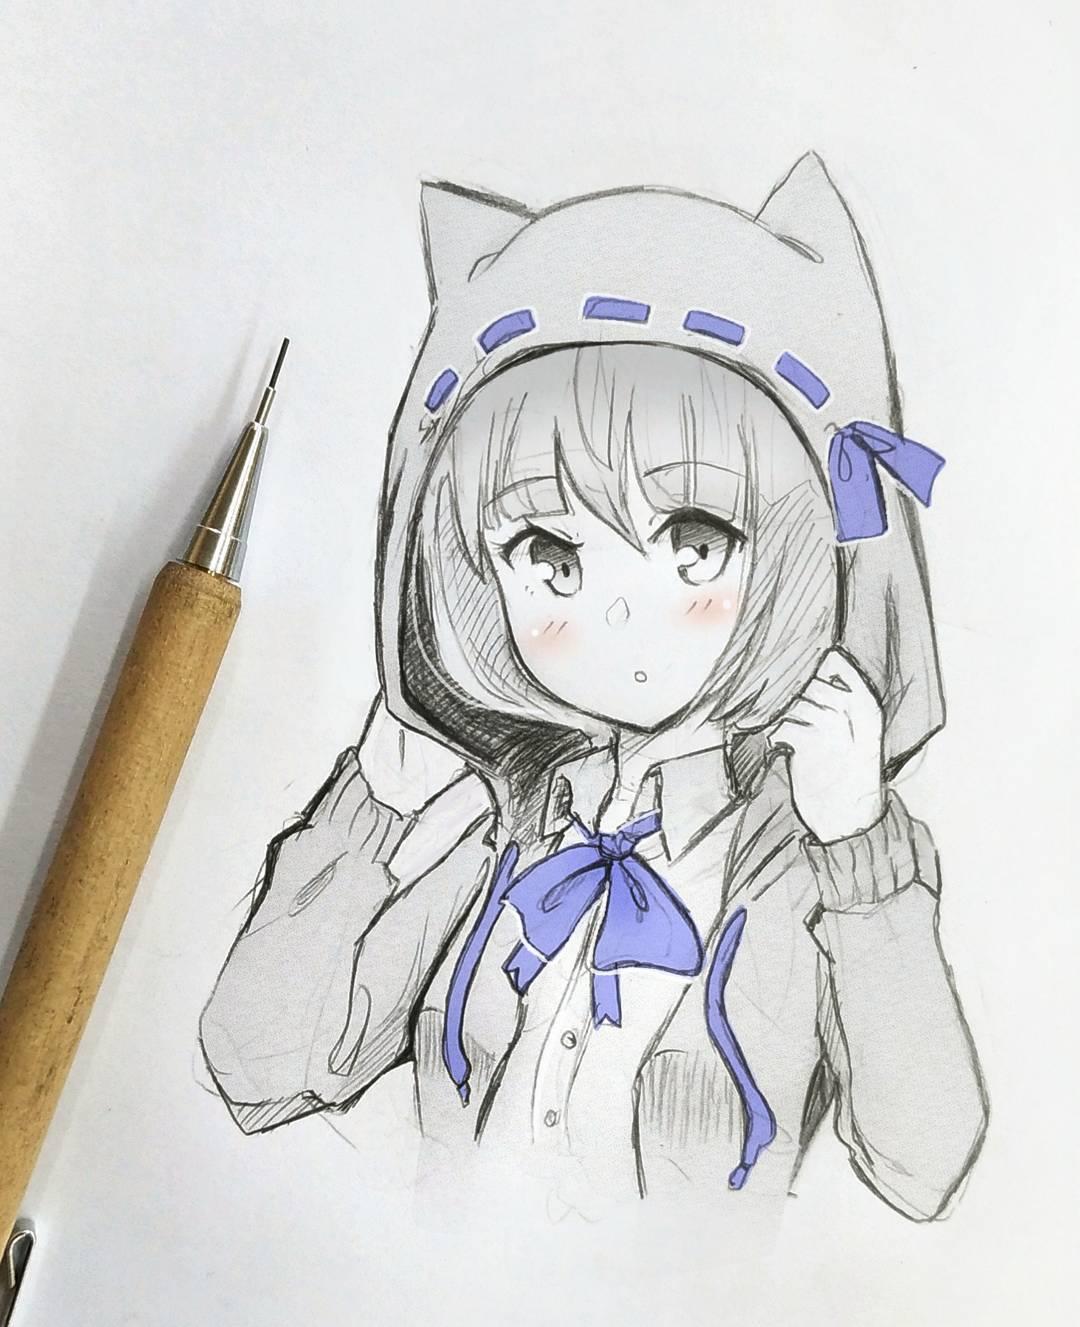 自动铅笔手绘动漫少女,加一点马克笔上色点缀画面就不会单调啦~画师